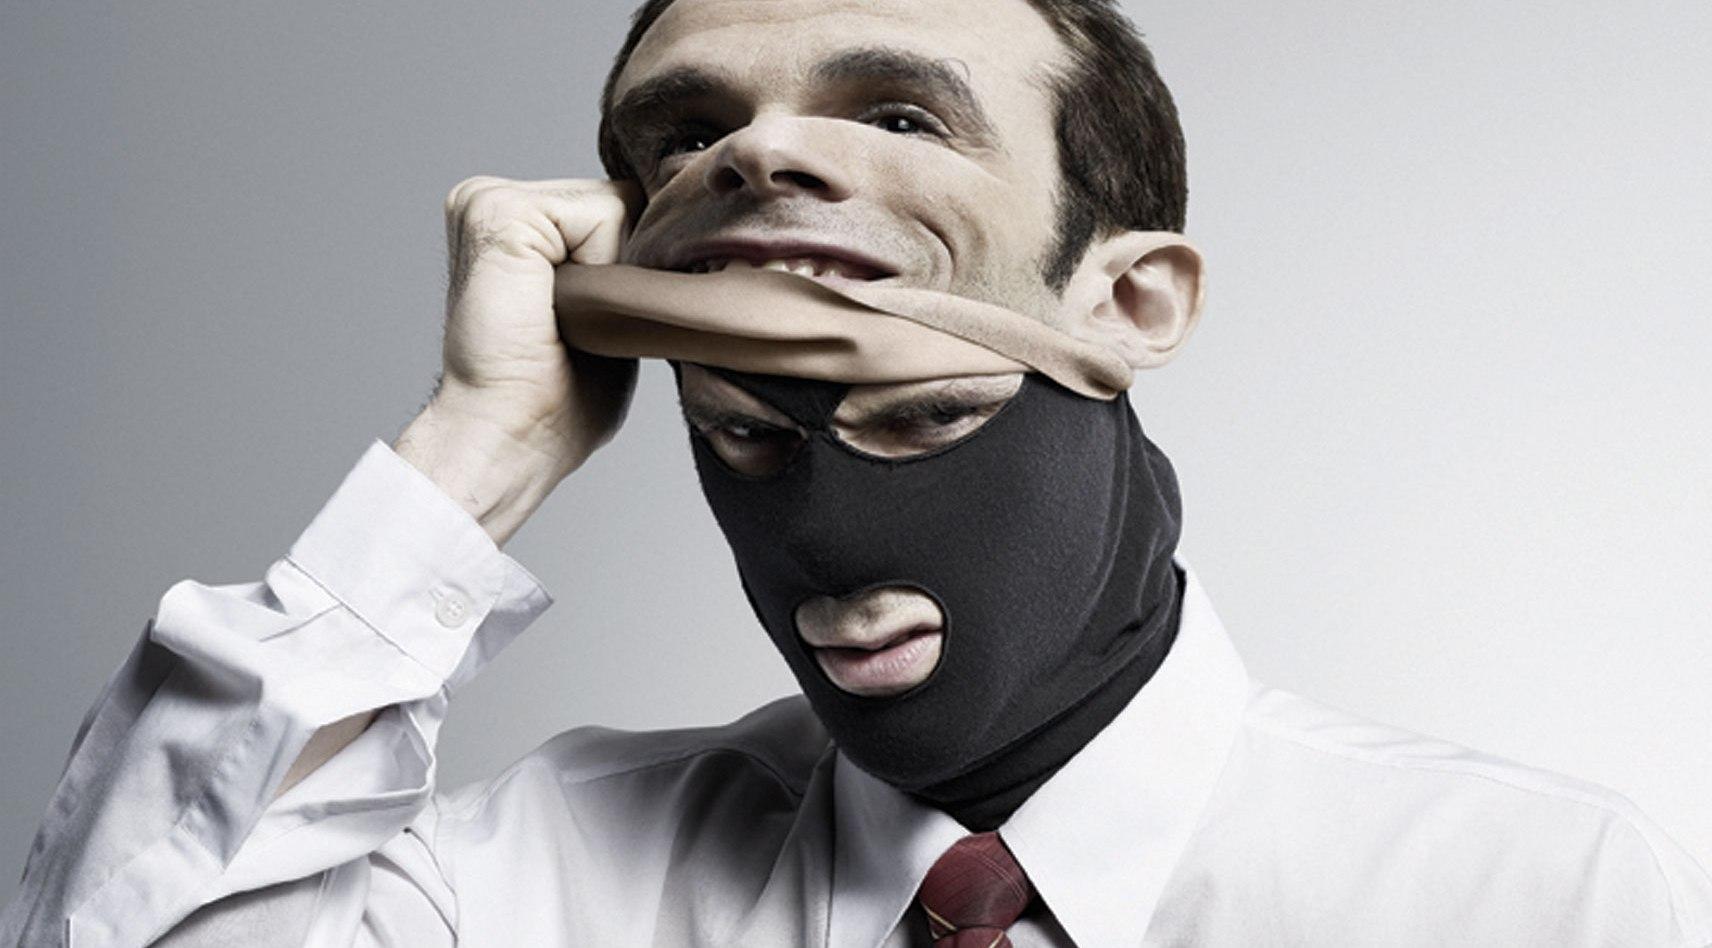 Довірливий чоловік збагатив інтернет-шахрая на 10 тис. грн.